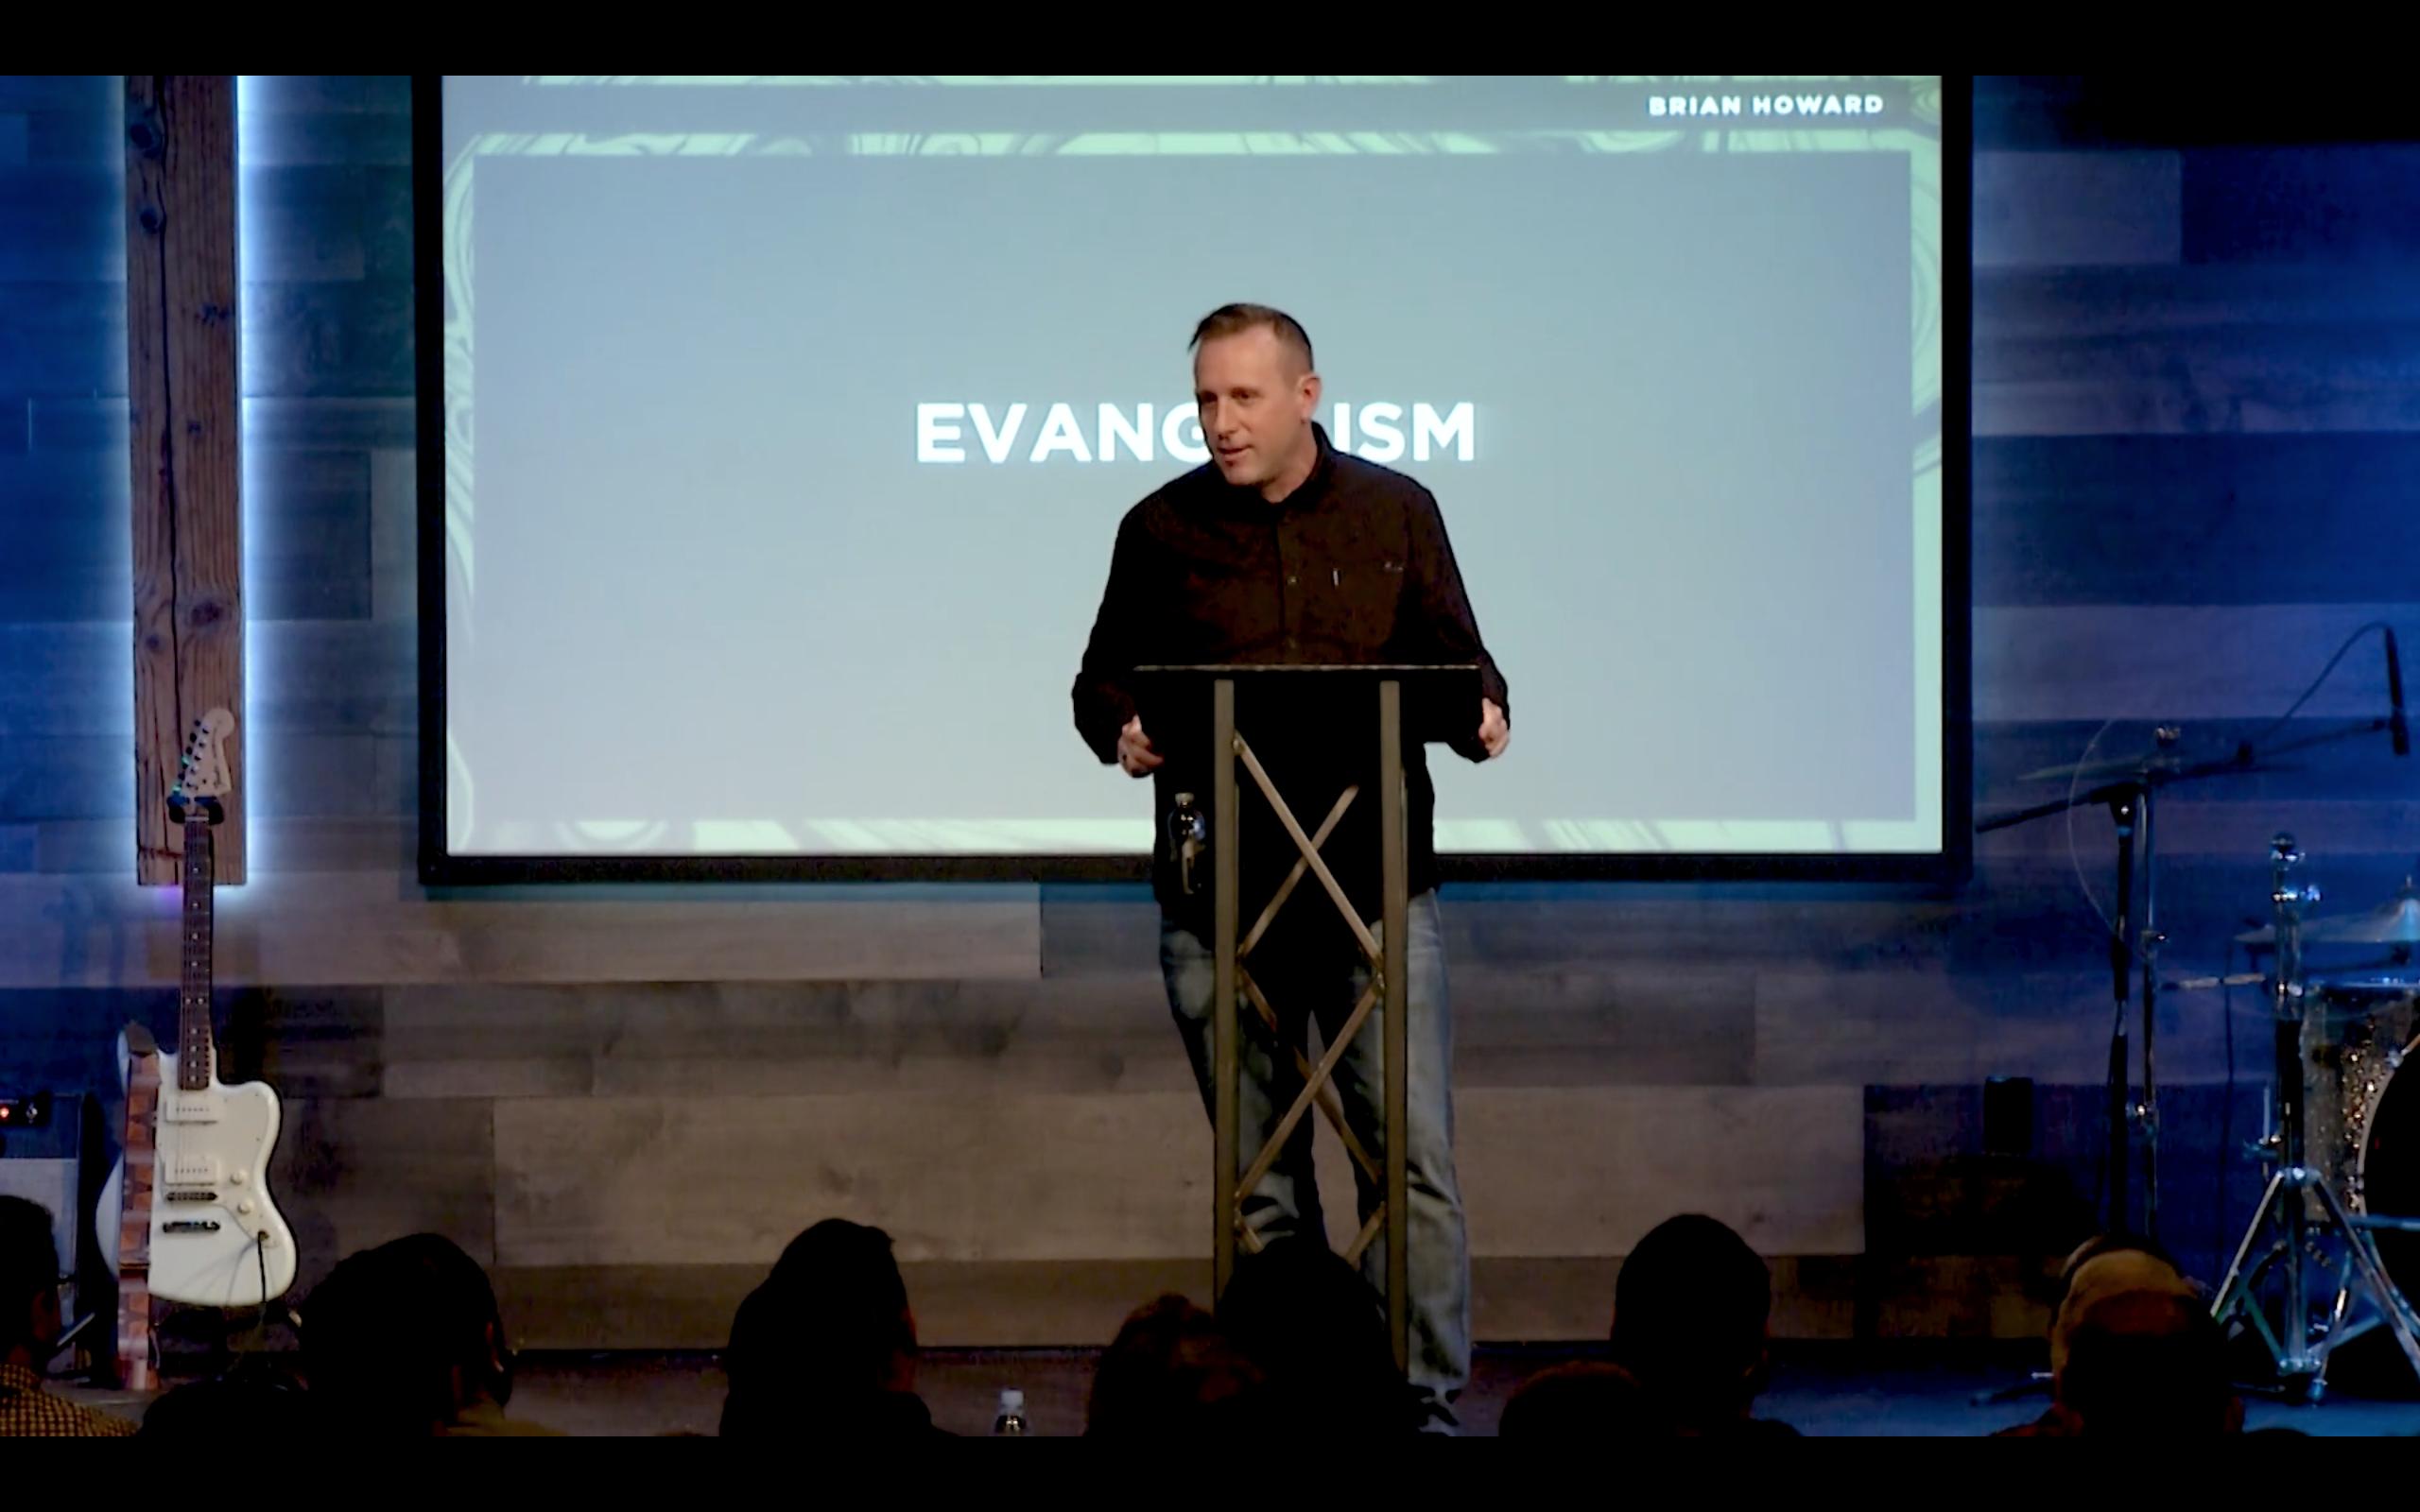 Evangelism – Session 3